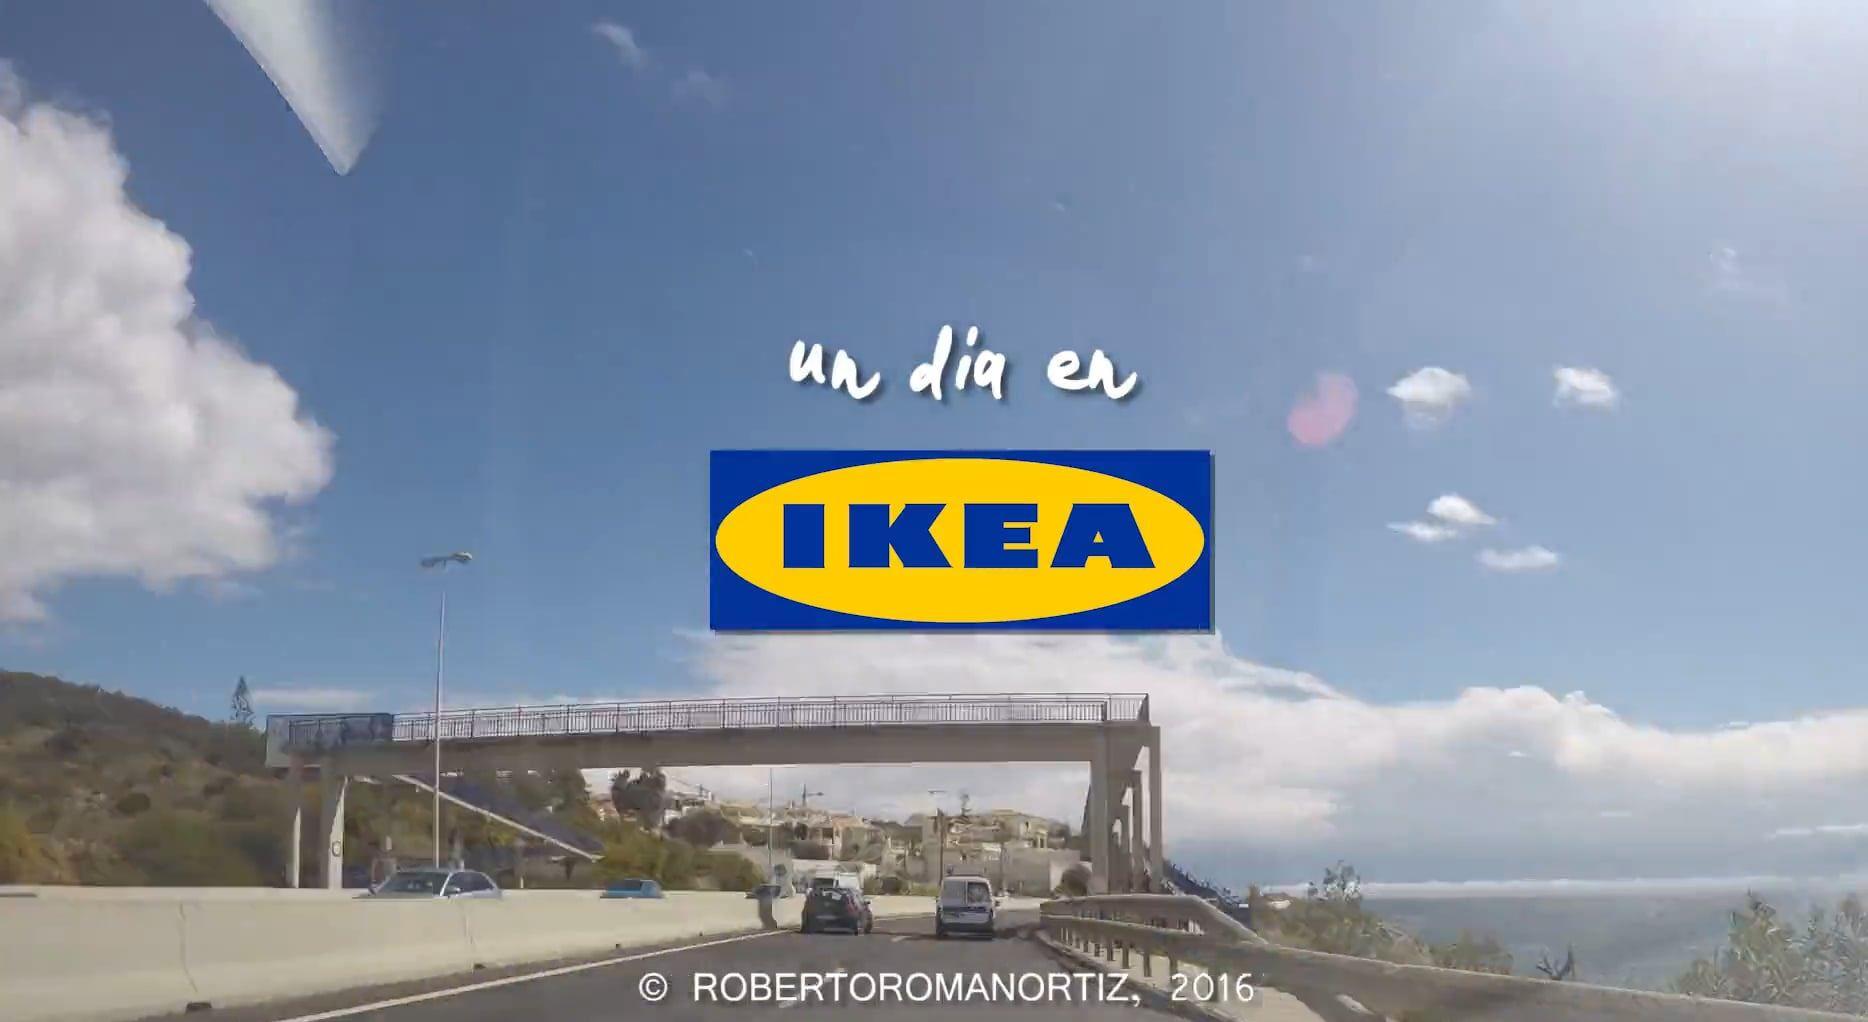 Un día en Ikea